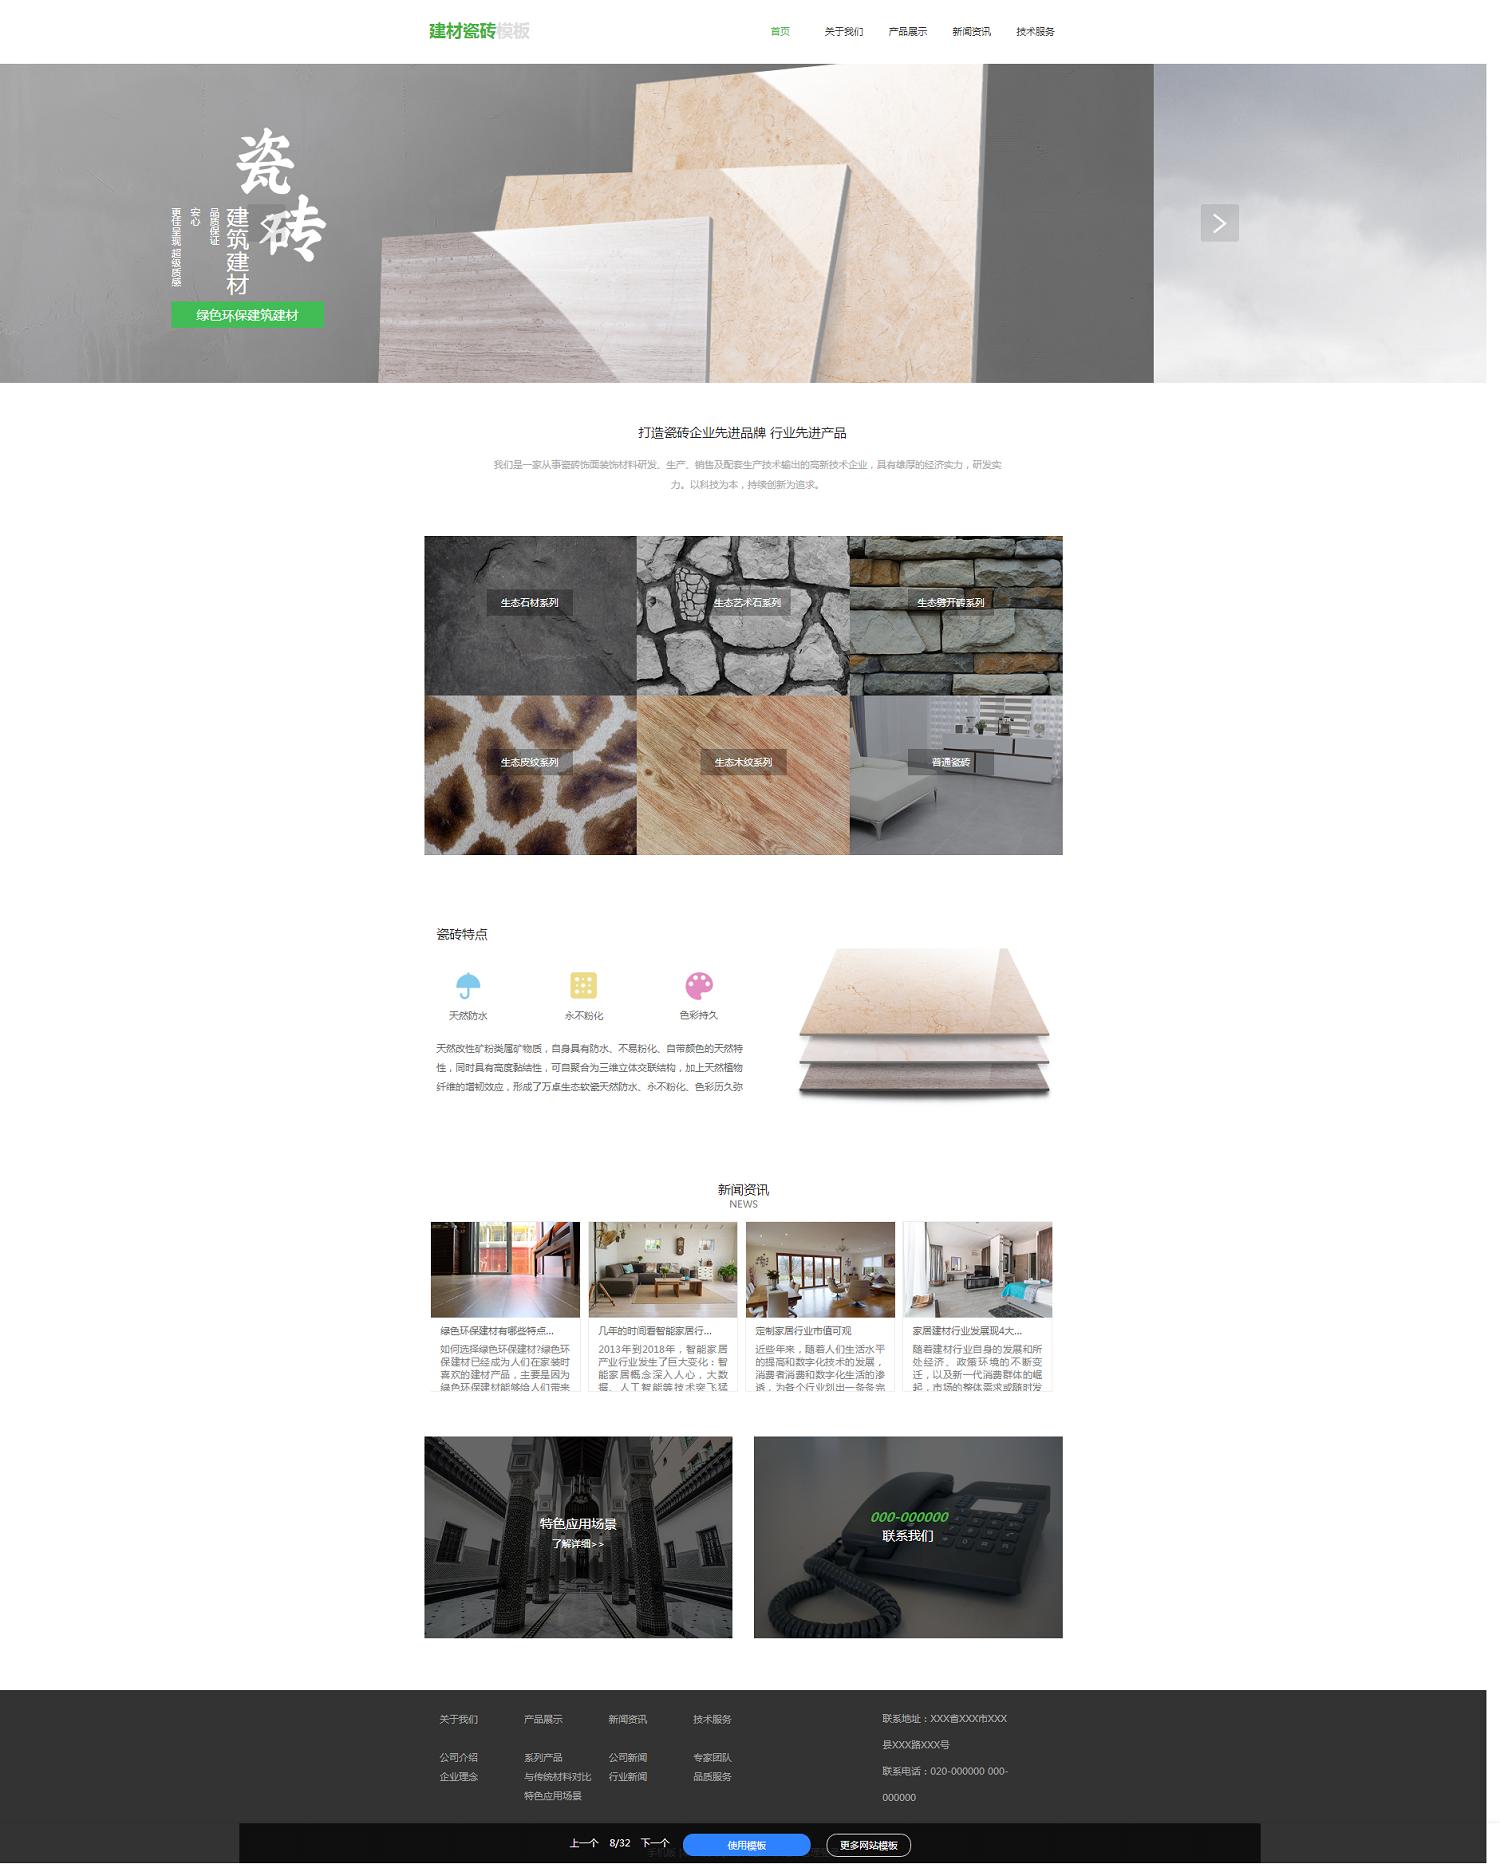 建材瓷砖网站